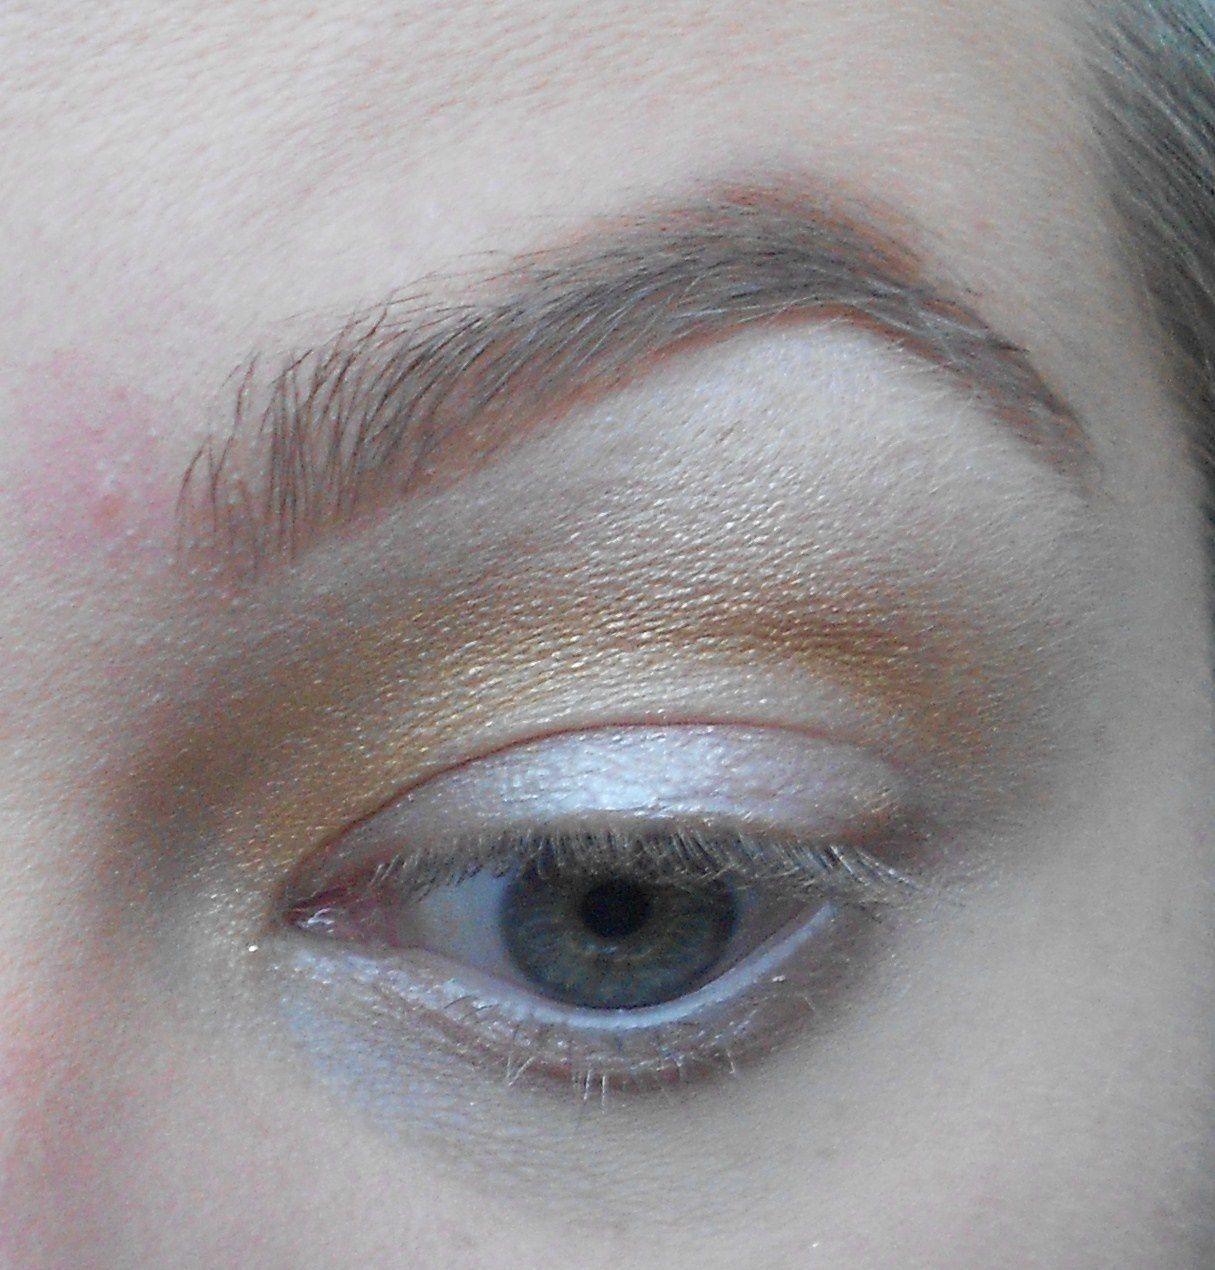 Avec un pinceau estompeur, on prend un doré et on l'aplique dans le creux de l'oeil en estompant bien.